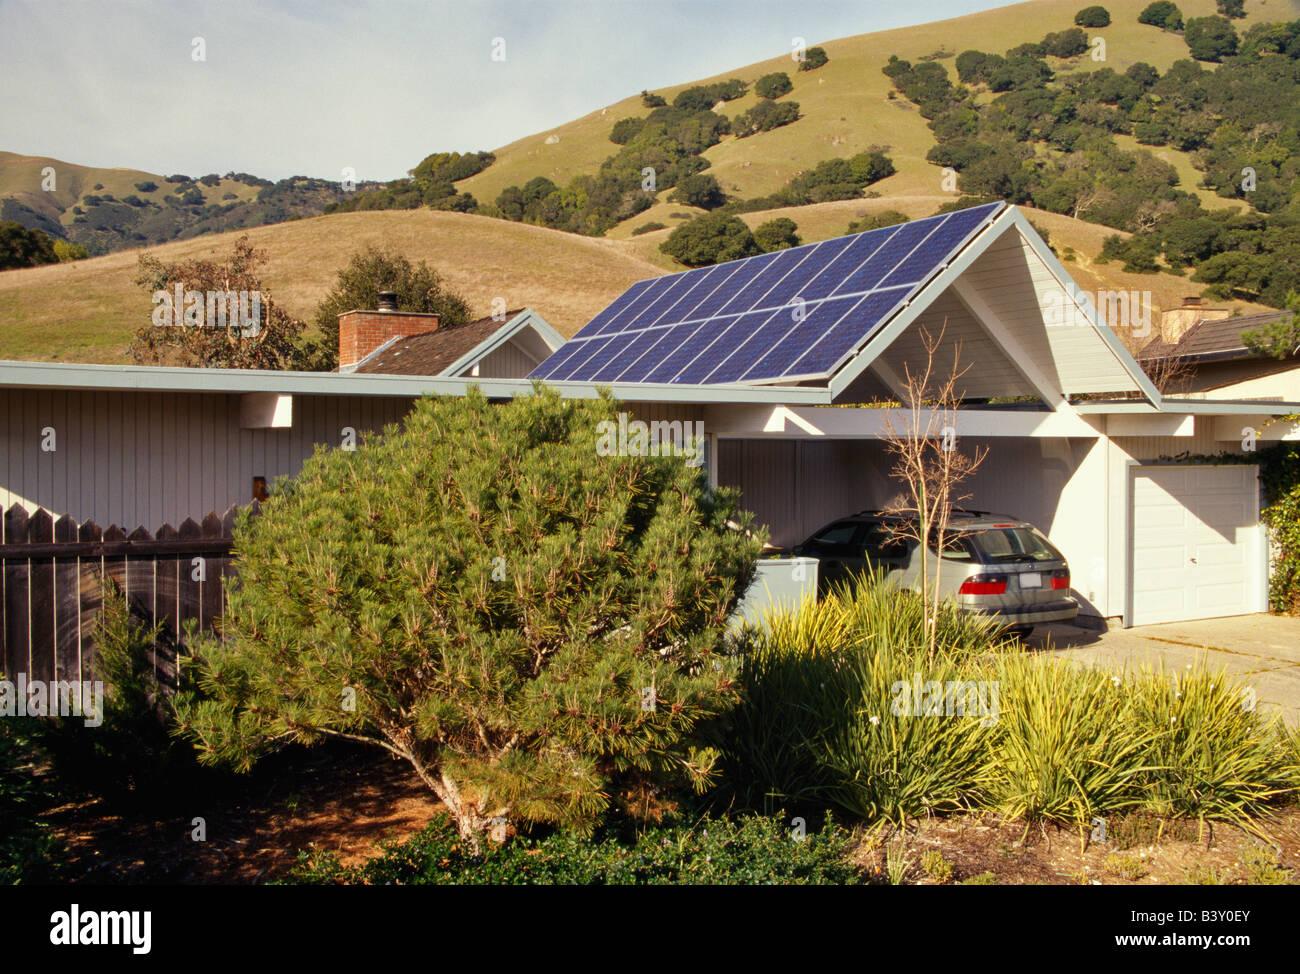 Paneles solares en el techo operativo. Imagen De Stock